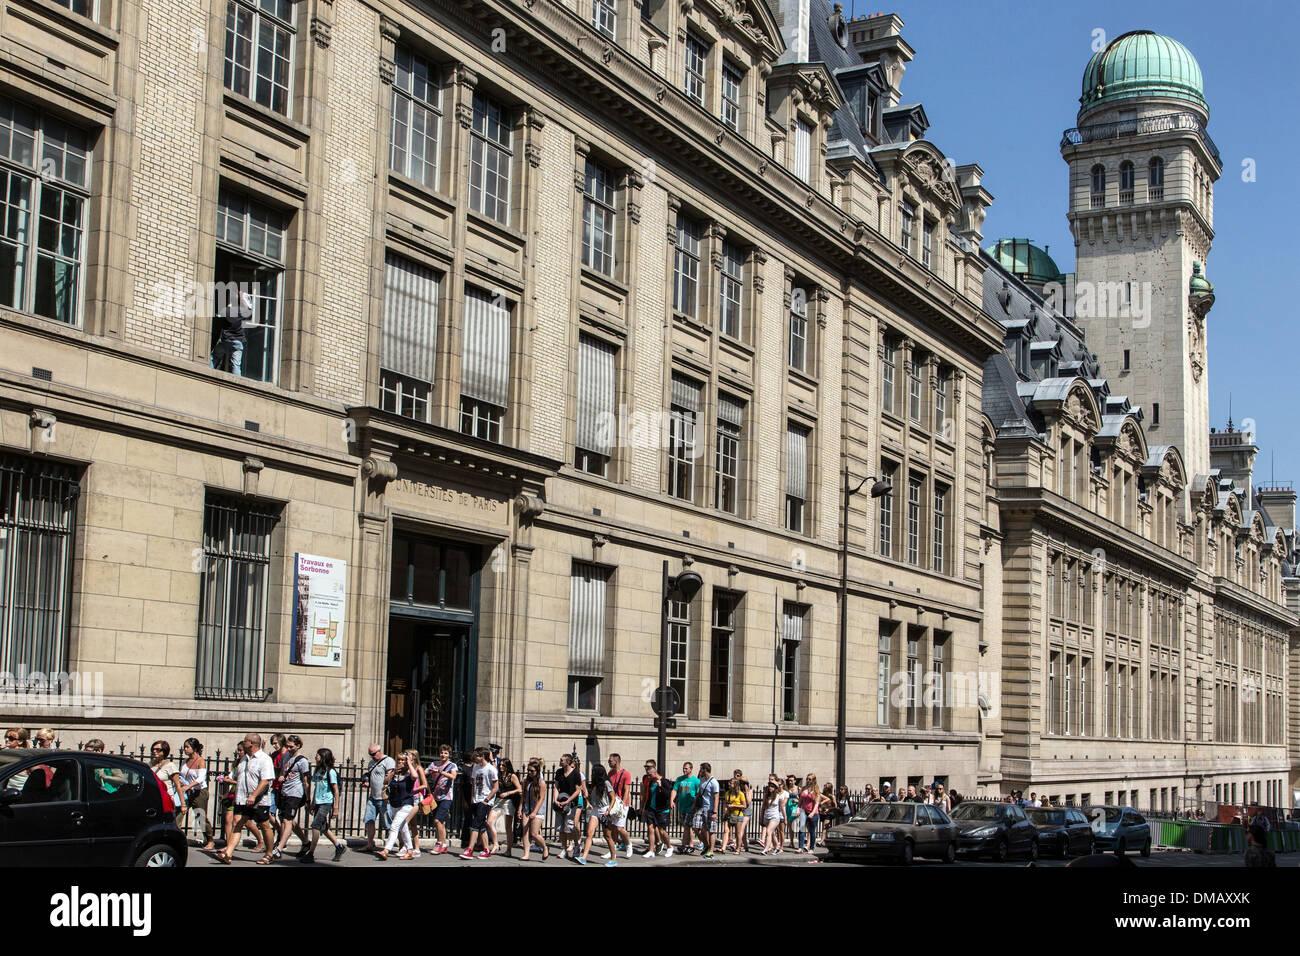 GRUPPE VON TOURISTEN VOR DER UNIVERSITÄT SORBONNE, PARIS (75), FRANKREICH Stockbild